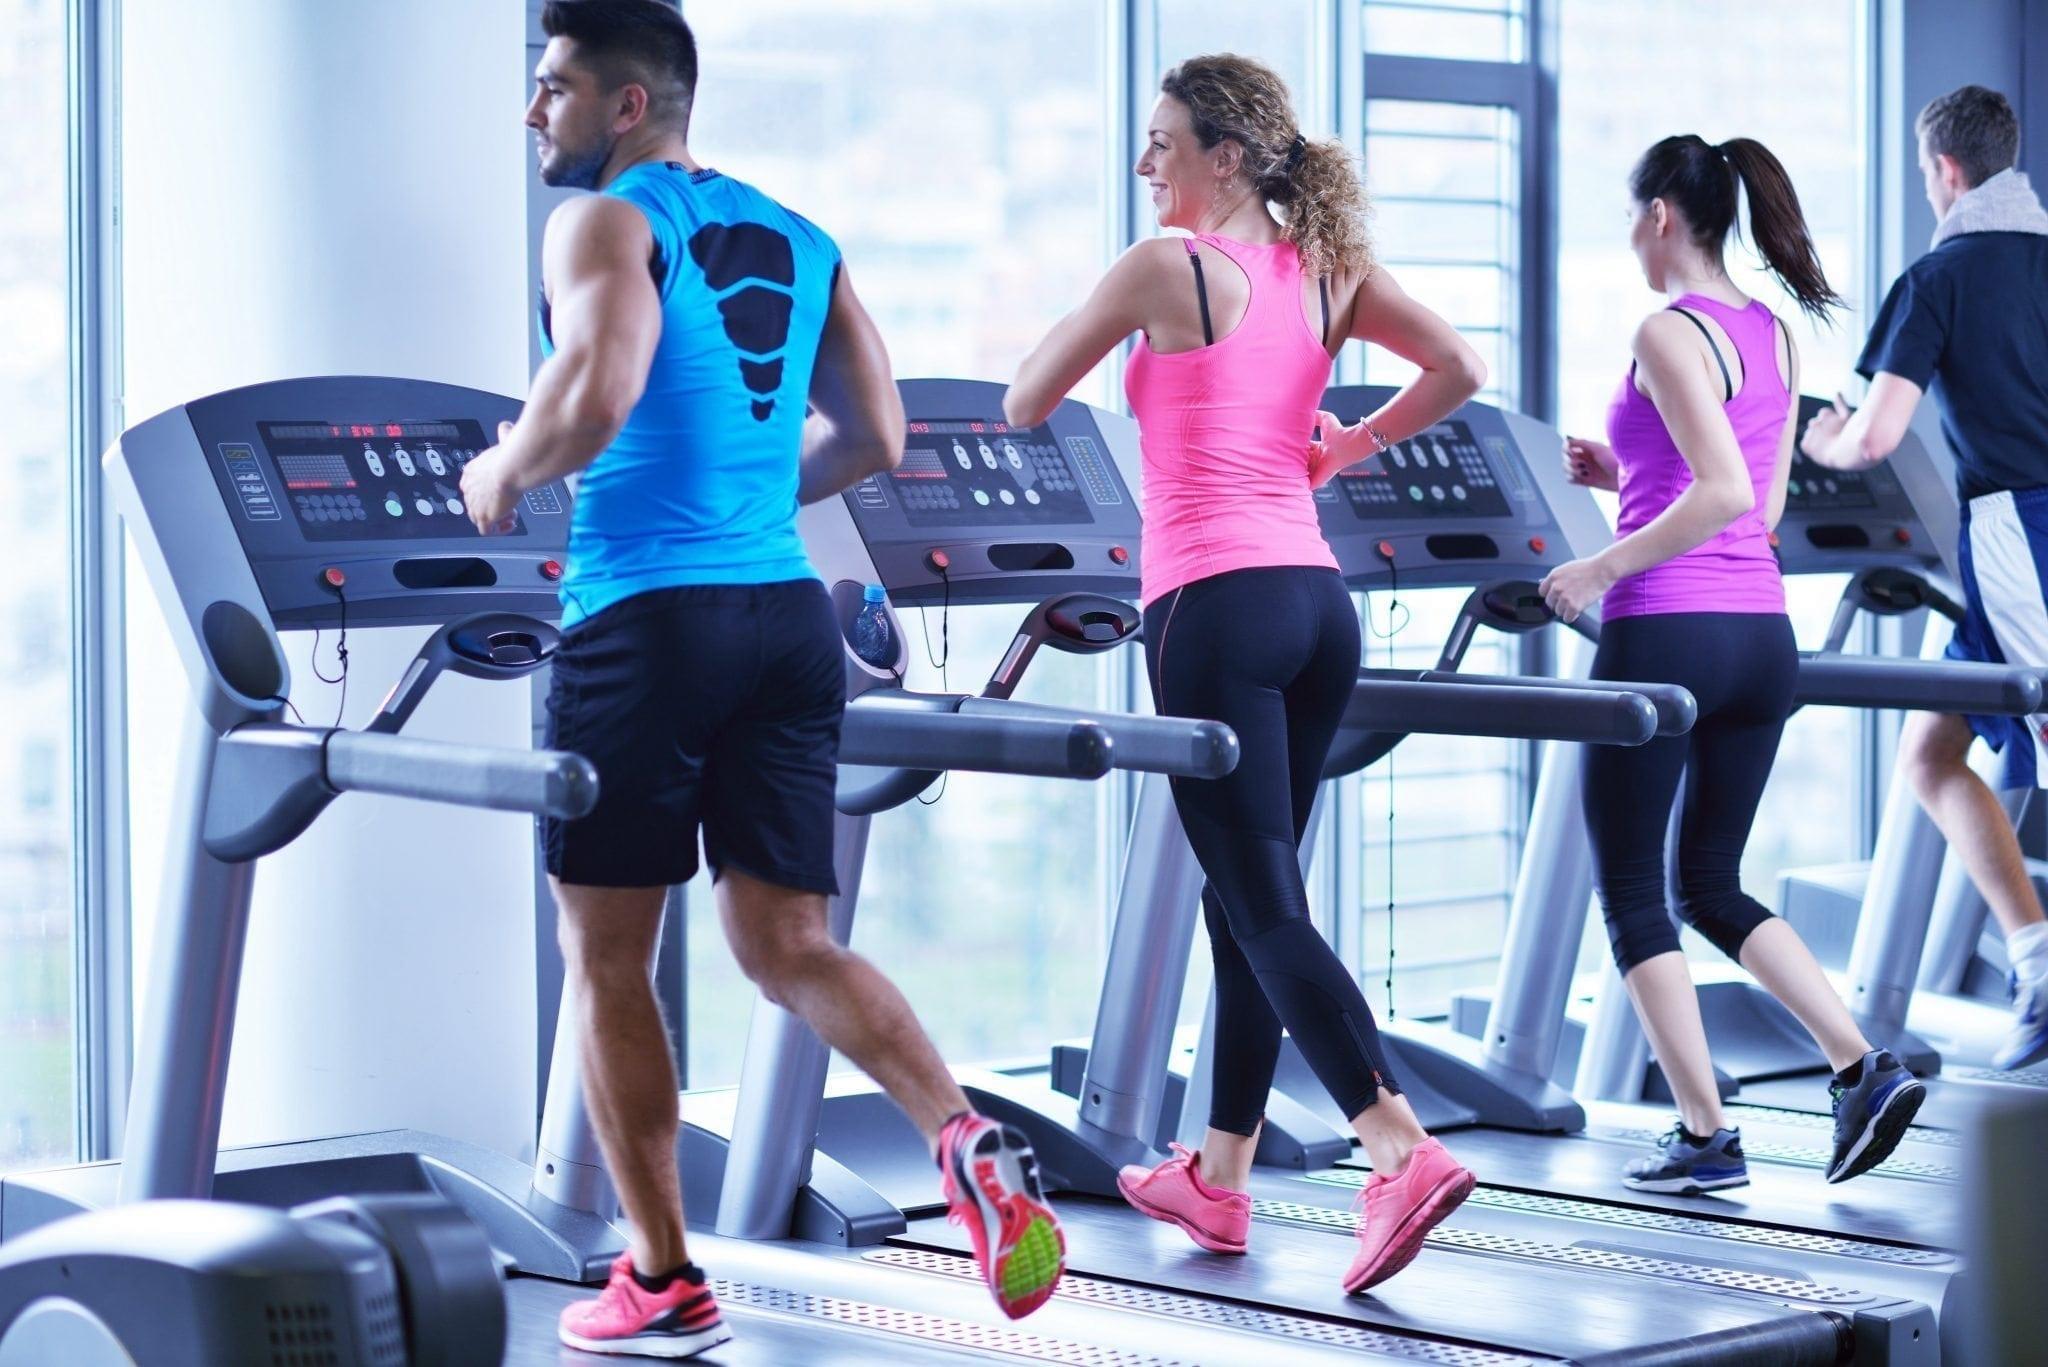 Фитнес Клуб Для Похудение. Действенные фитнес-тренировки для похудения